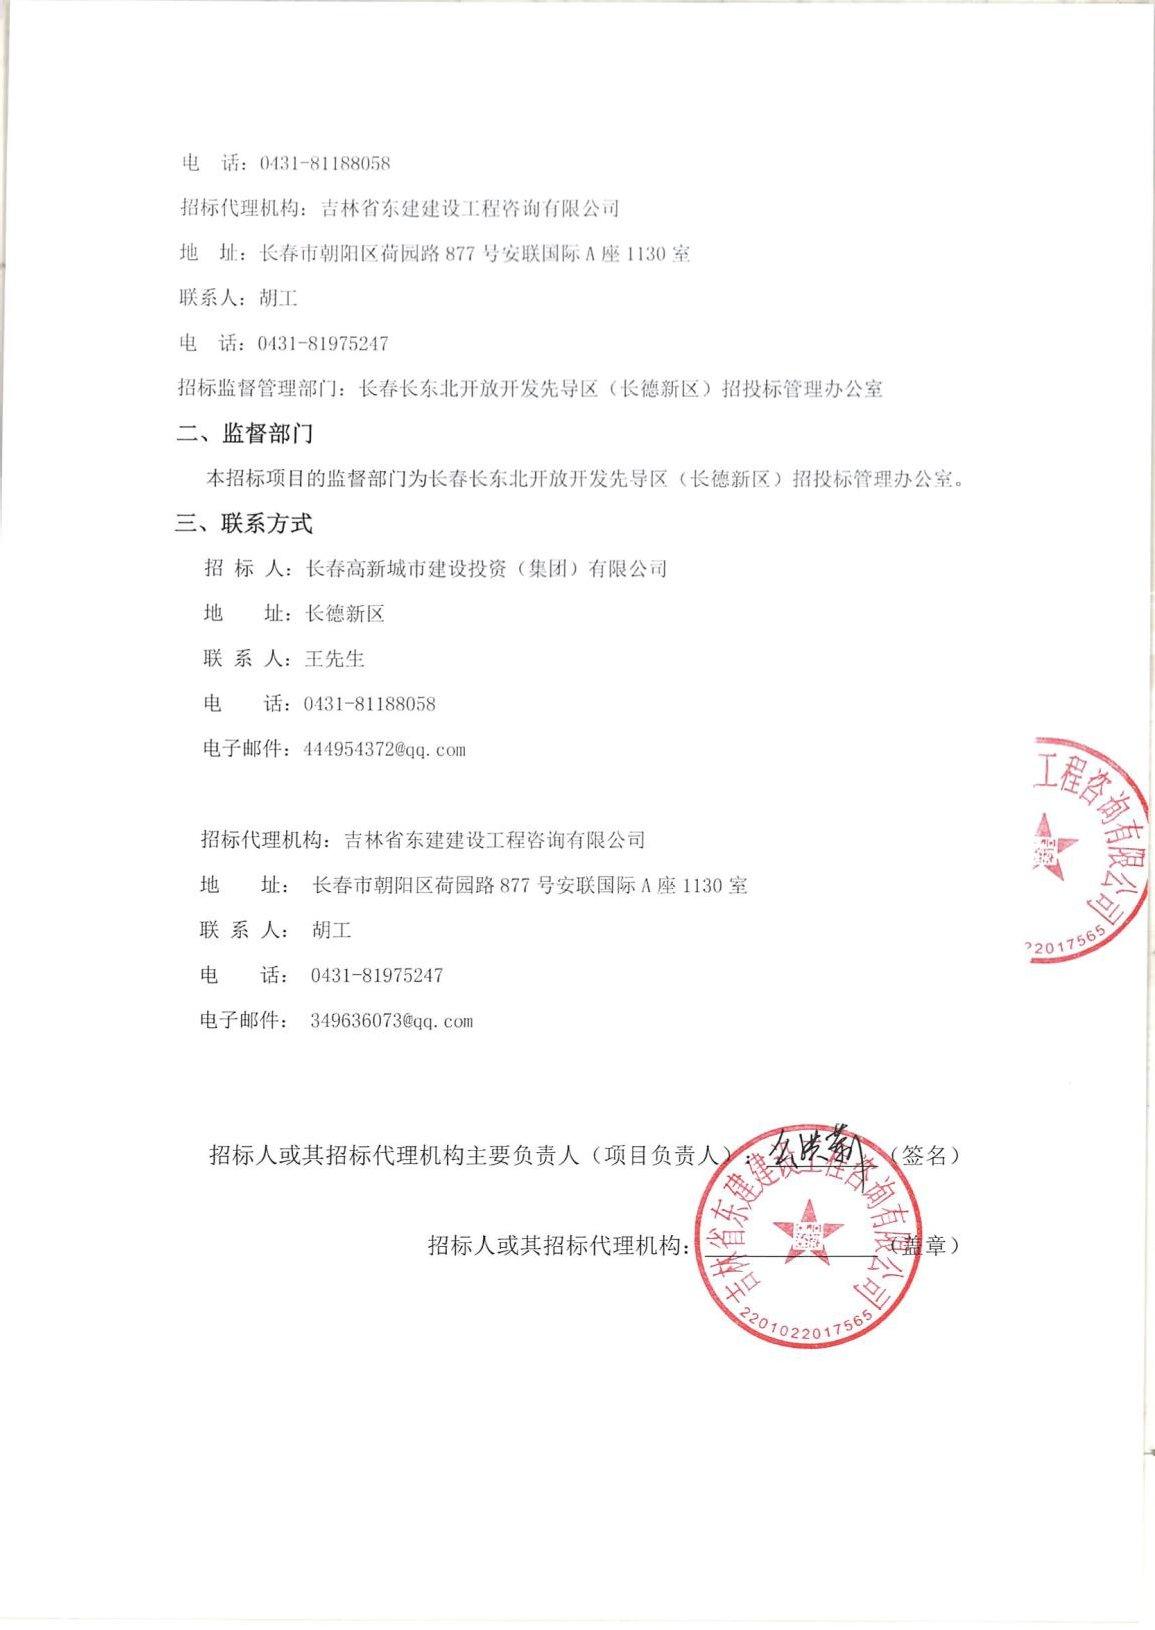 吉林省长春市长德新区2018年交通标志,交通标线一期工程招标公告